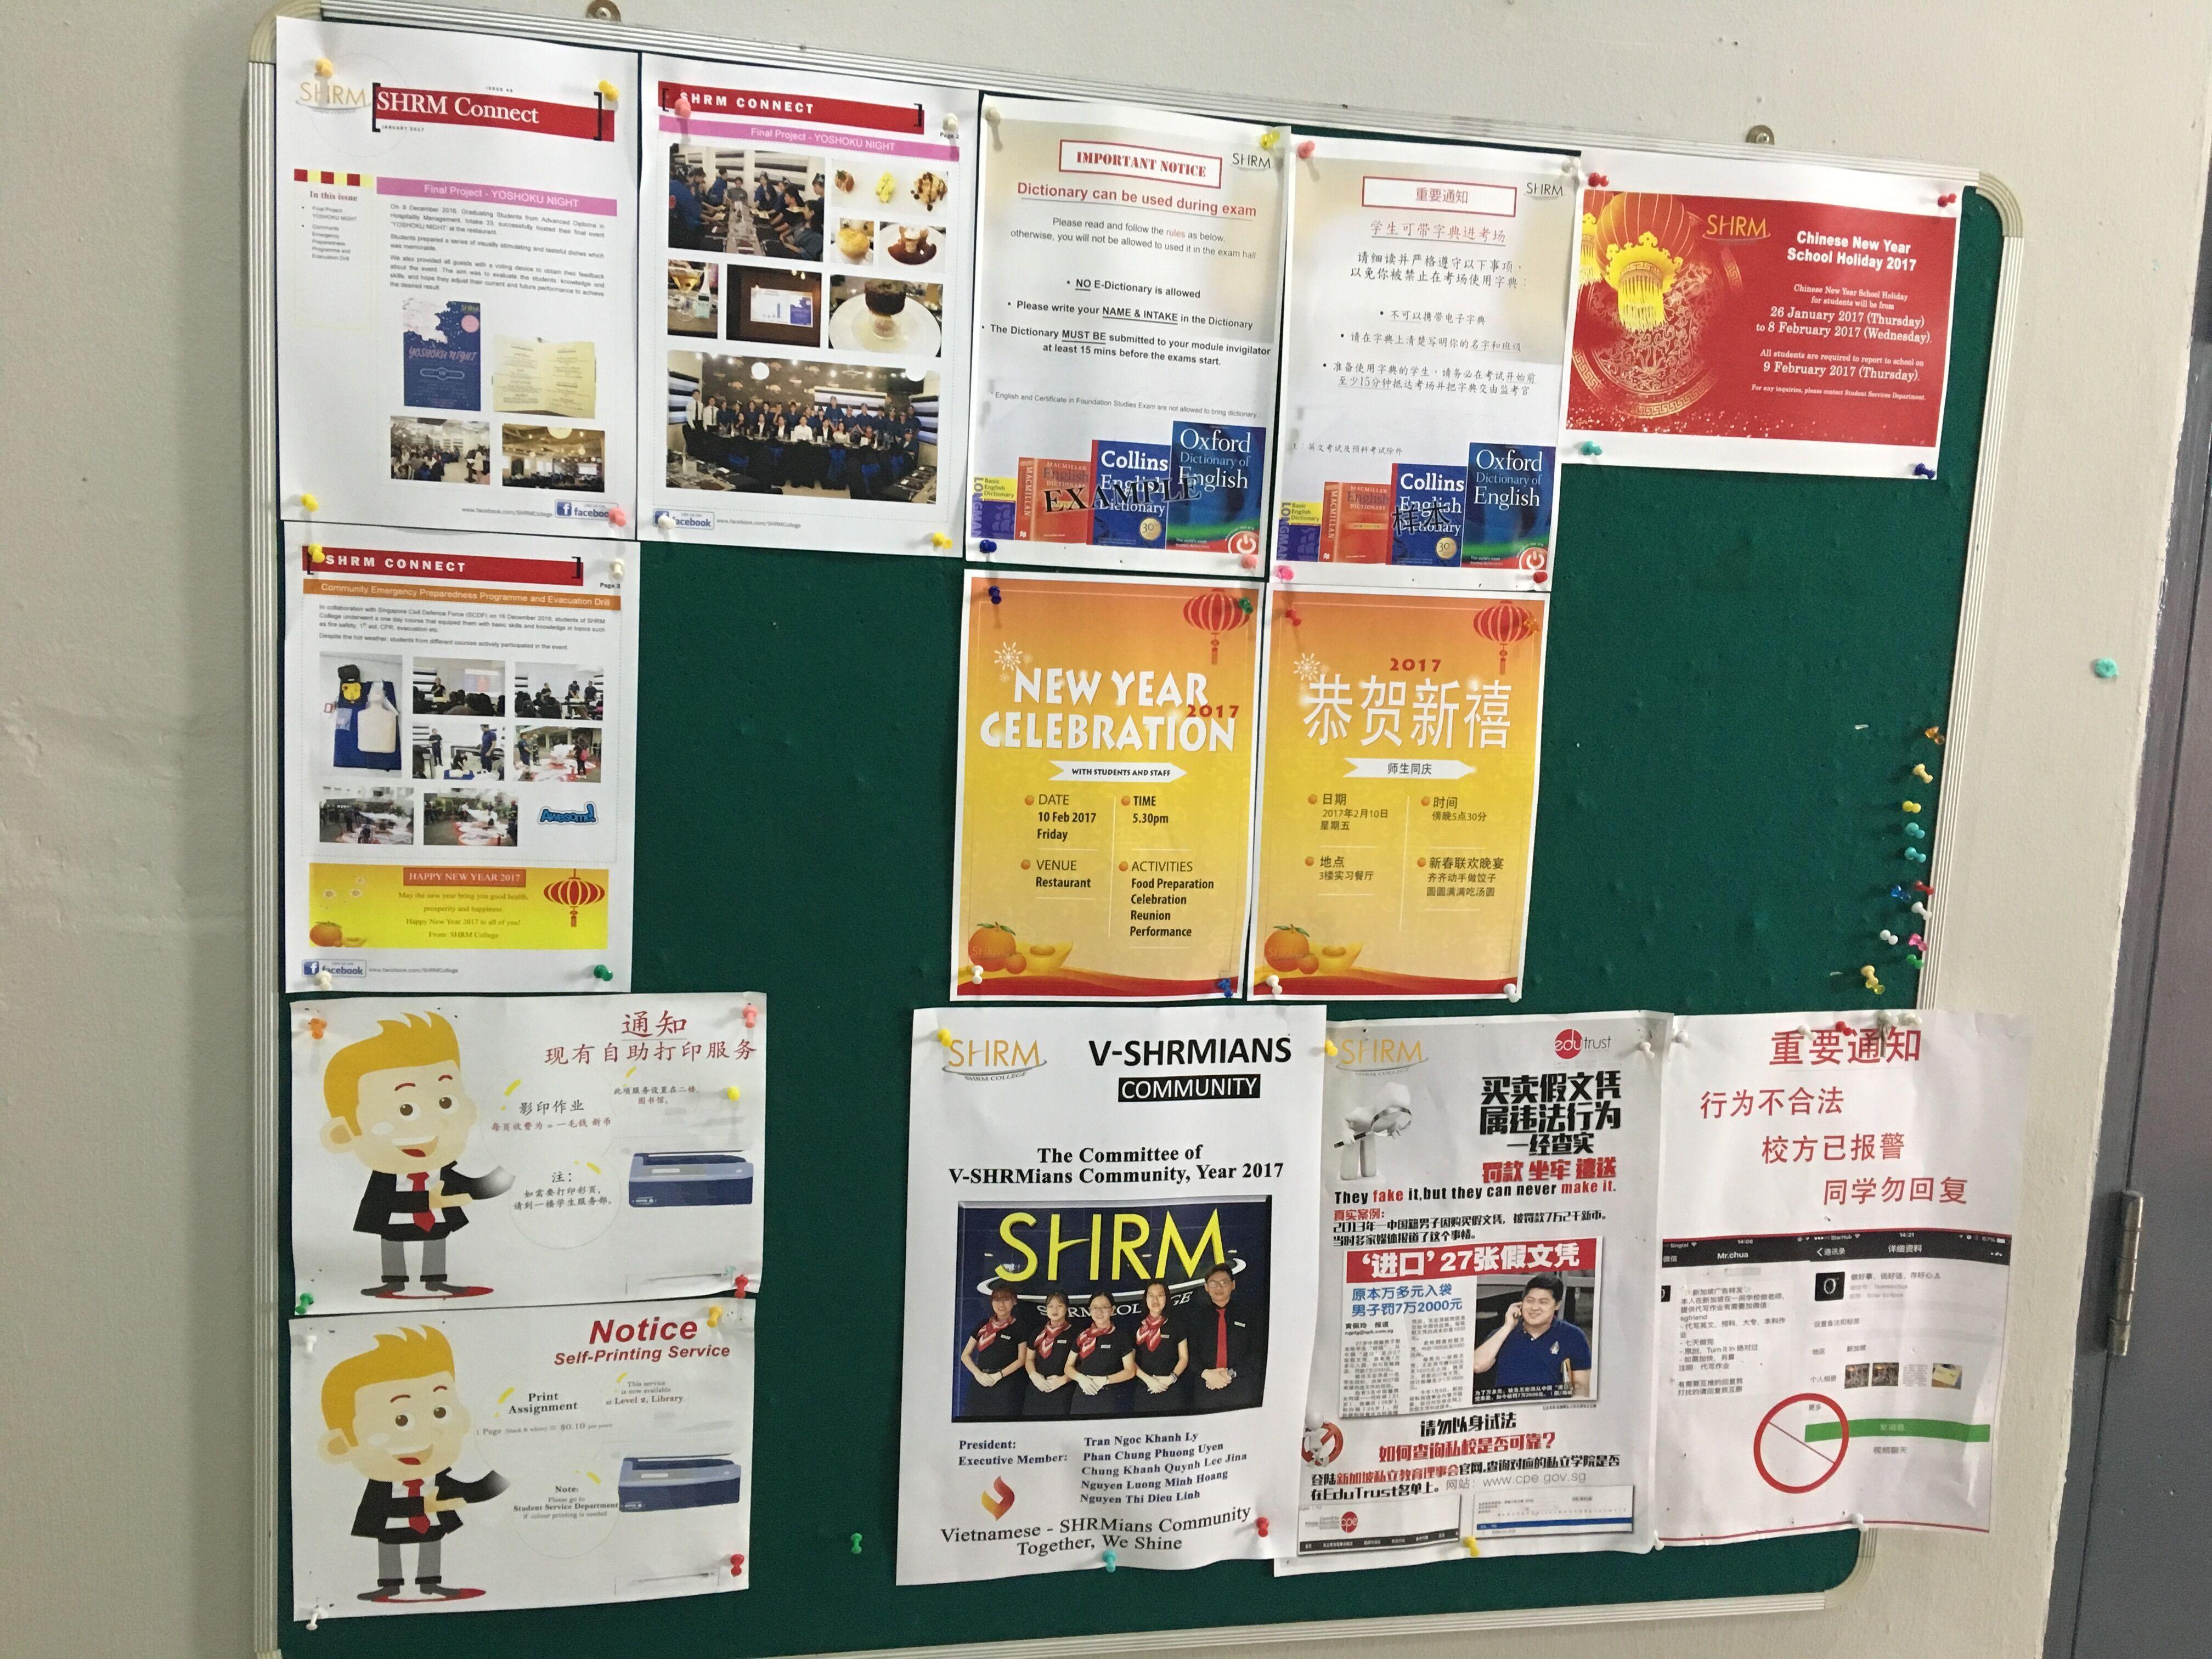 新加坡SHRM莎瑞管理学院回国就业真的有这么难吗?